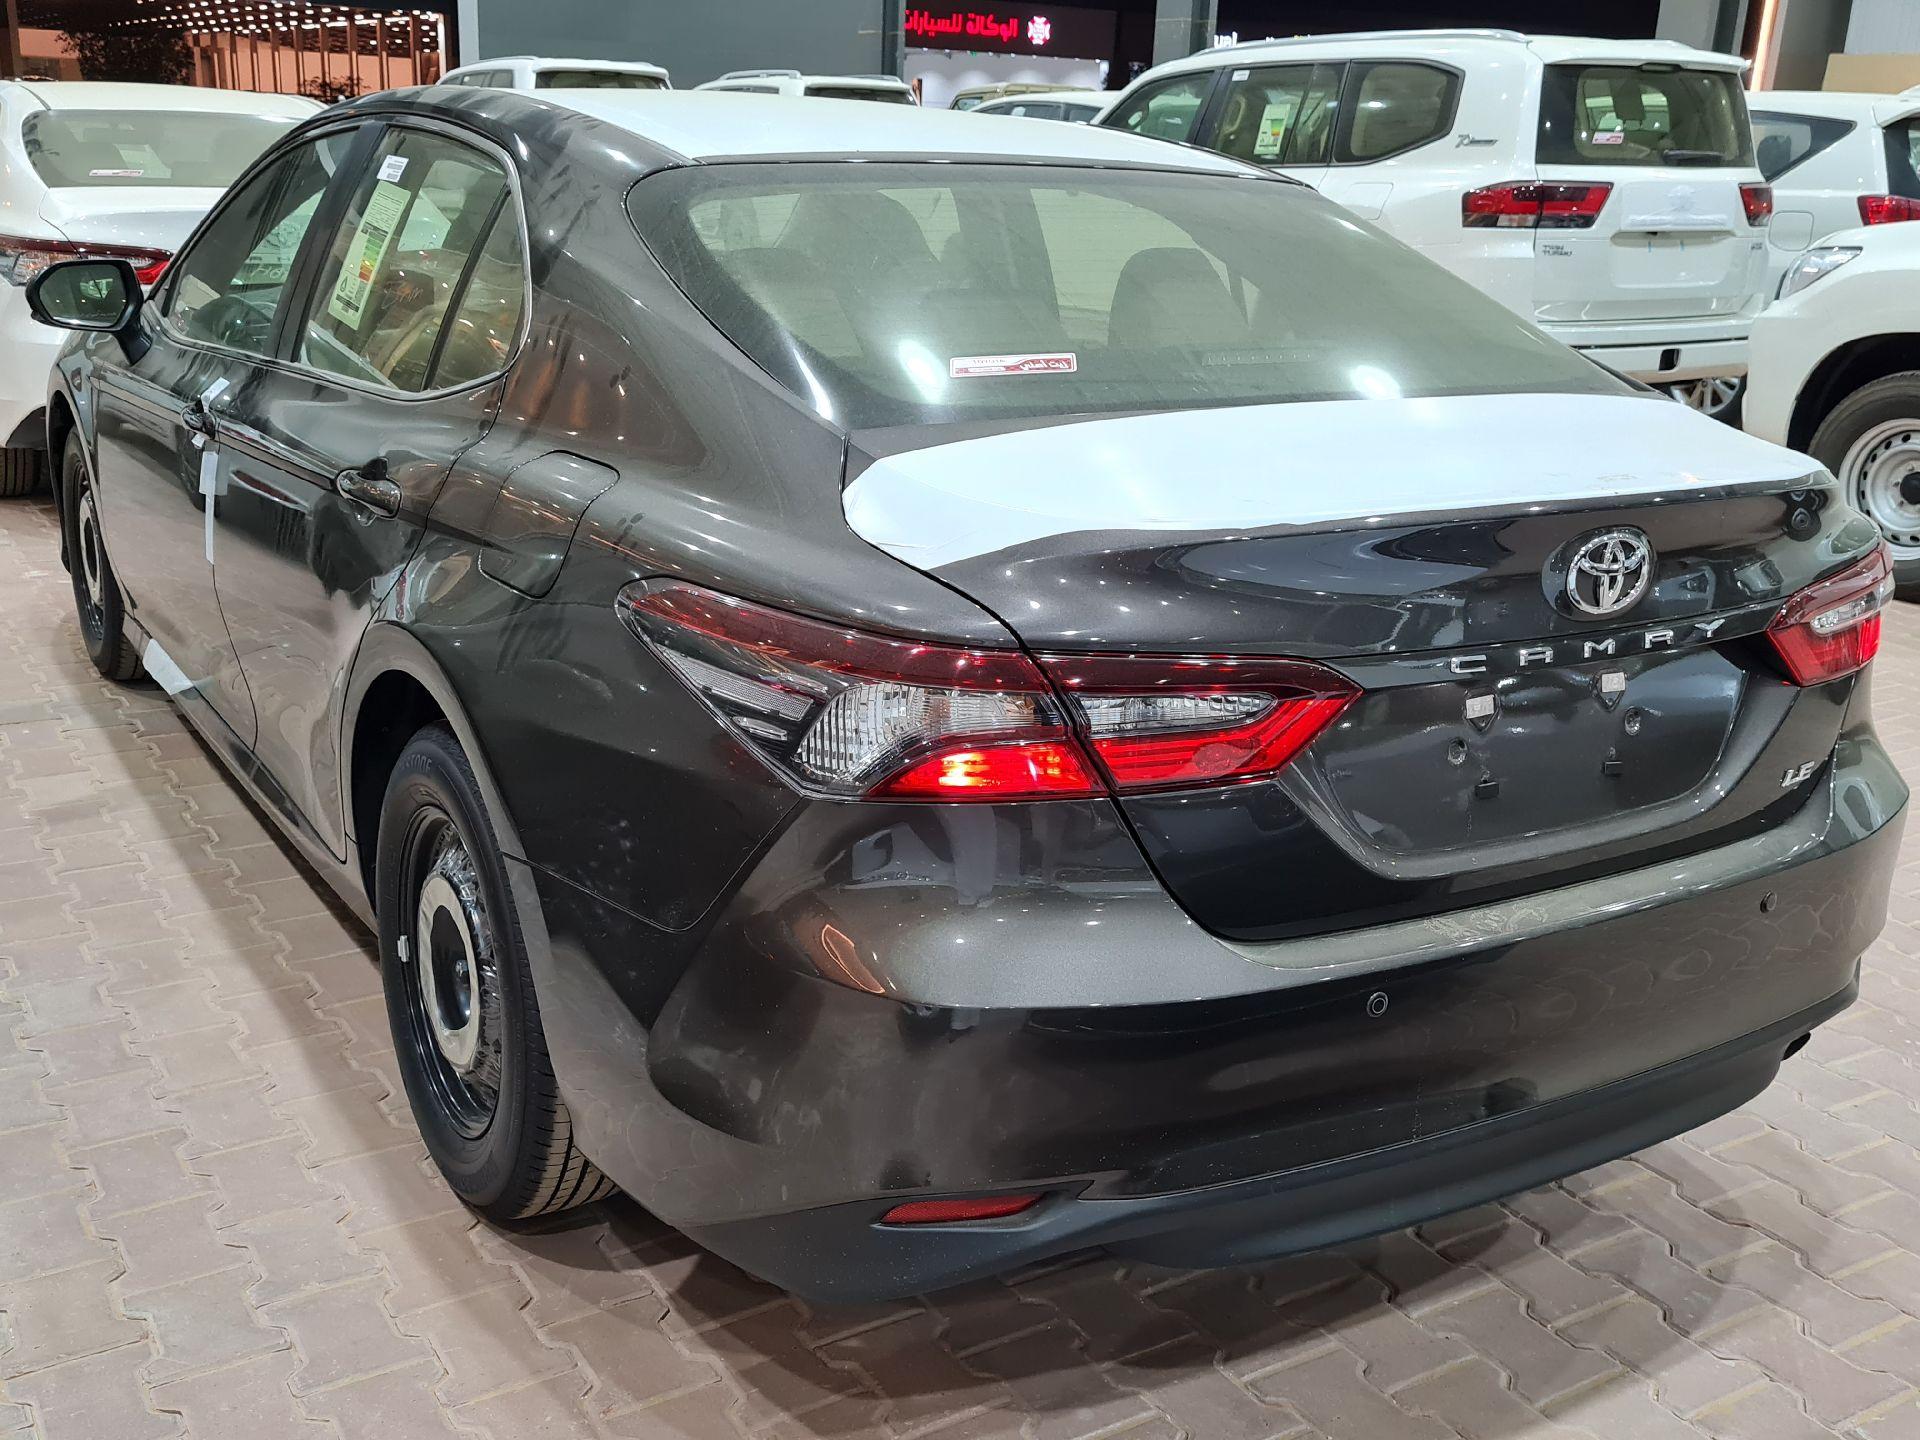 تويوتا كامري LE ستاندر 2021 سعودي جديد للبيع في الرياض - السعودية - صورة كبيرة - 2